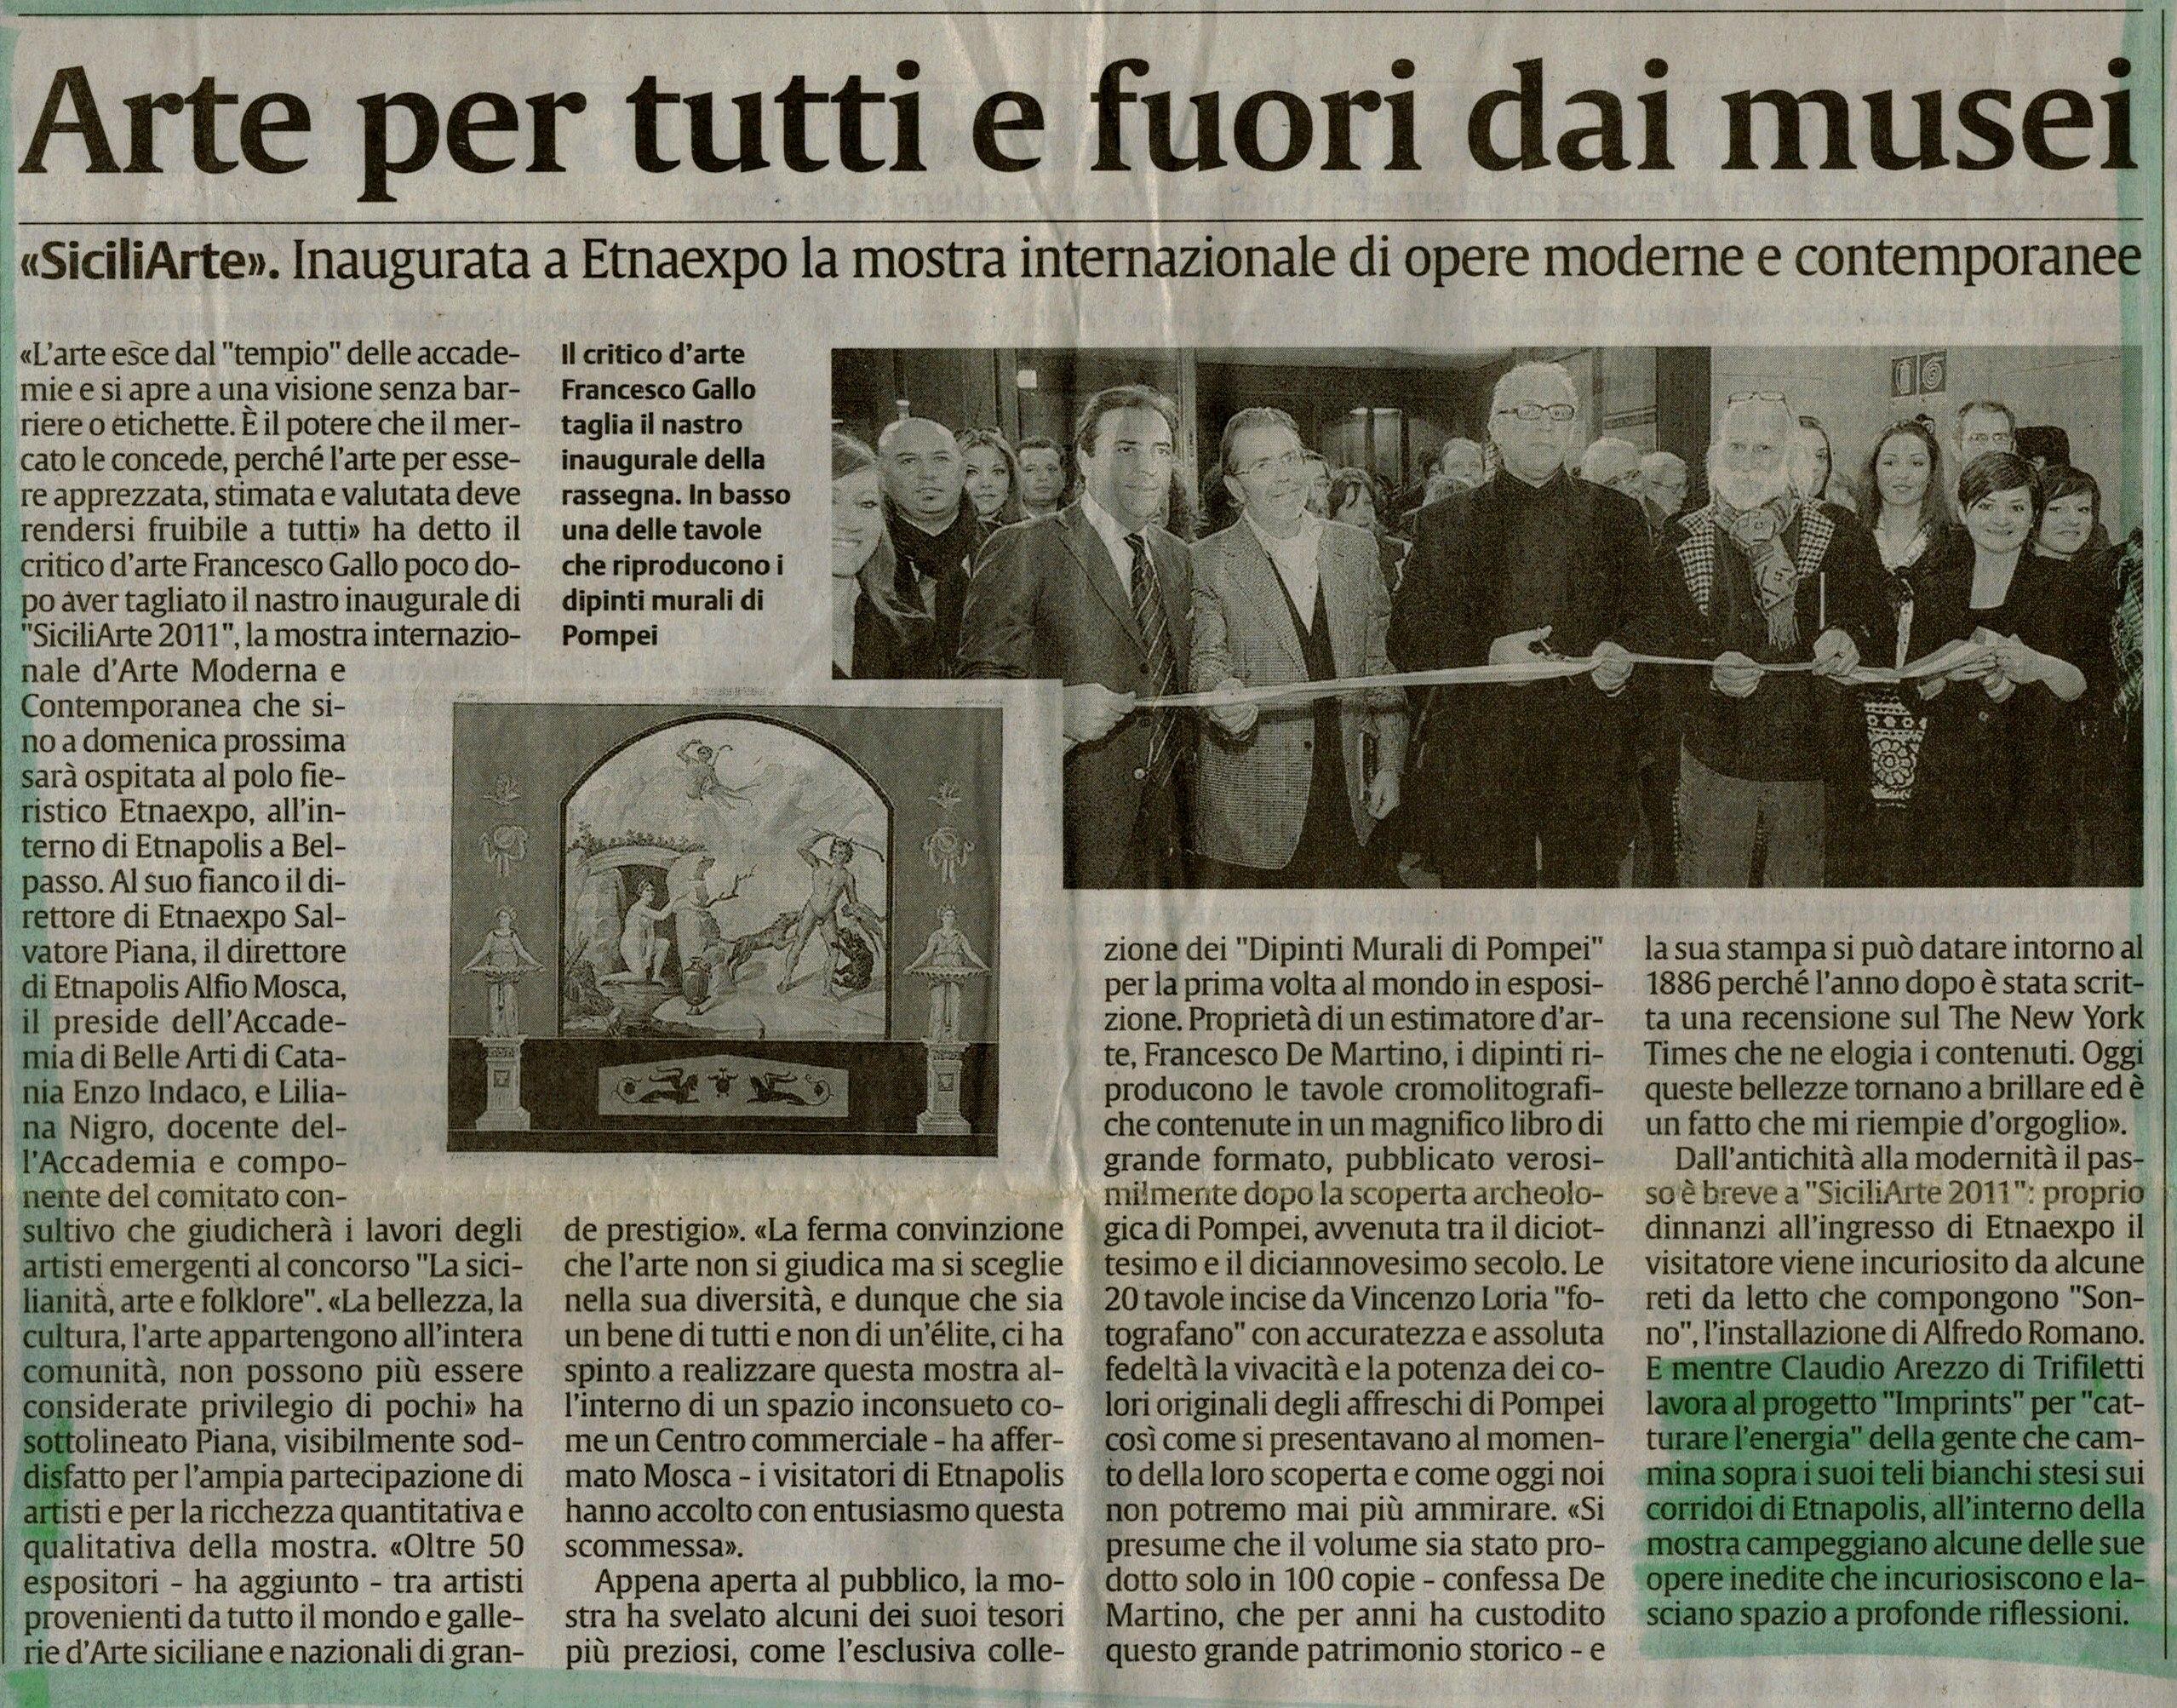 la sicilia - 25 marzo 2011